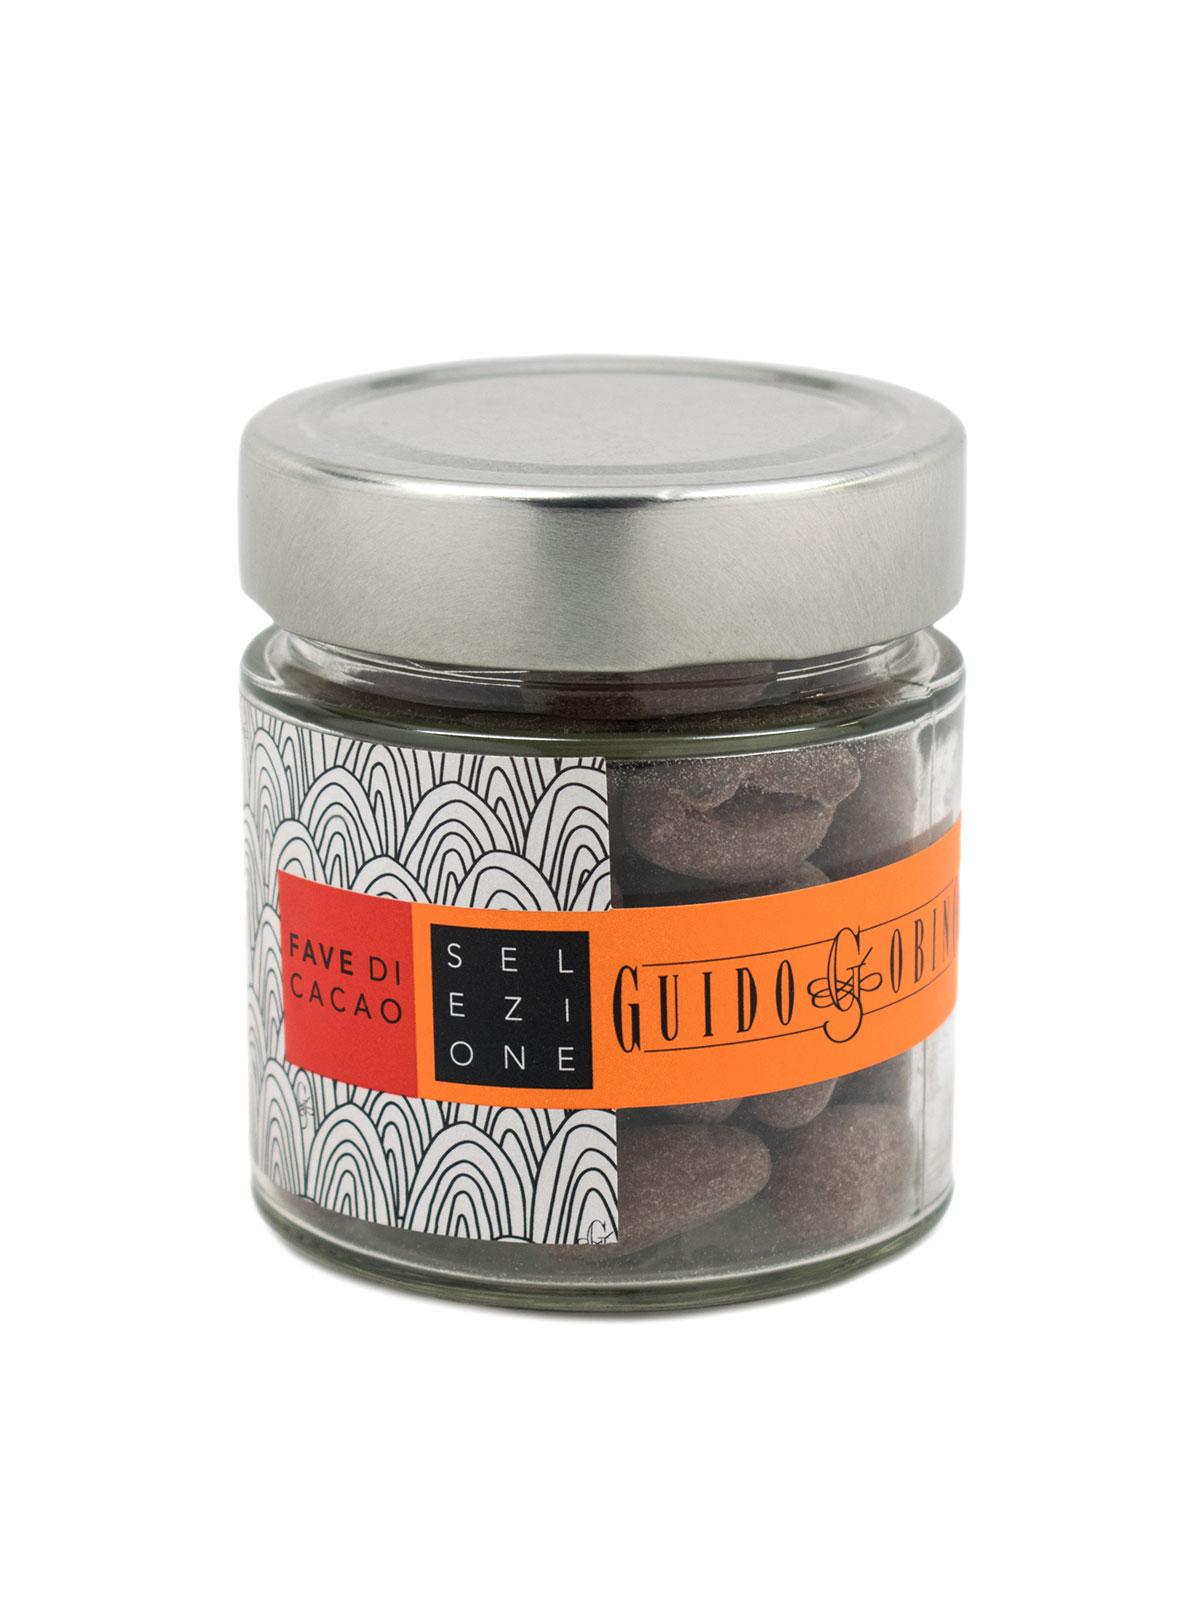 Chocolate Covered Cacao Beans - Sweets, Treats & Snacks - Buon'Italia